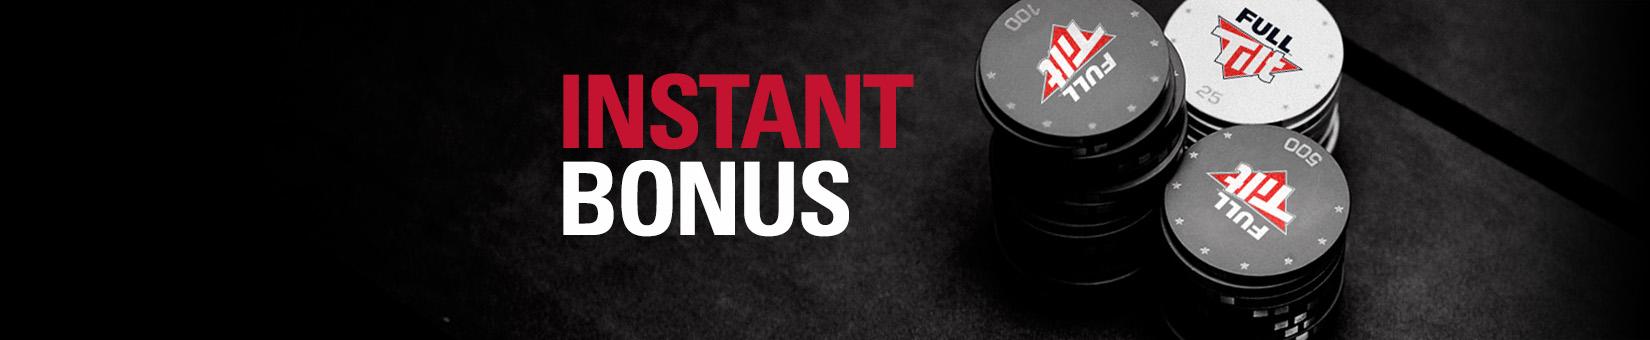 Casino Instant Bonus